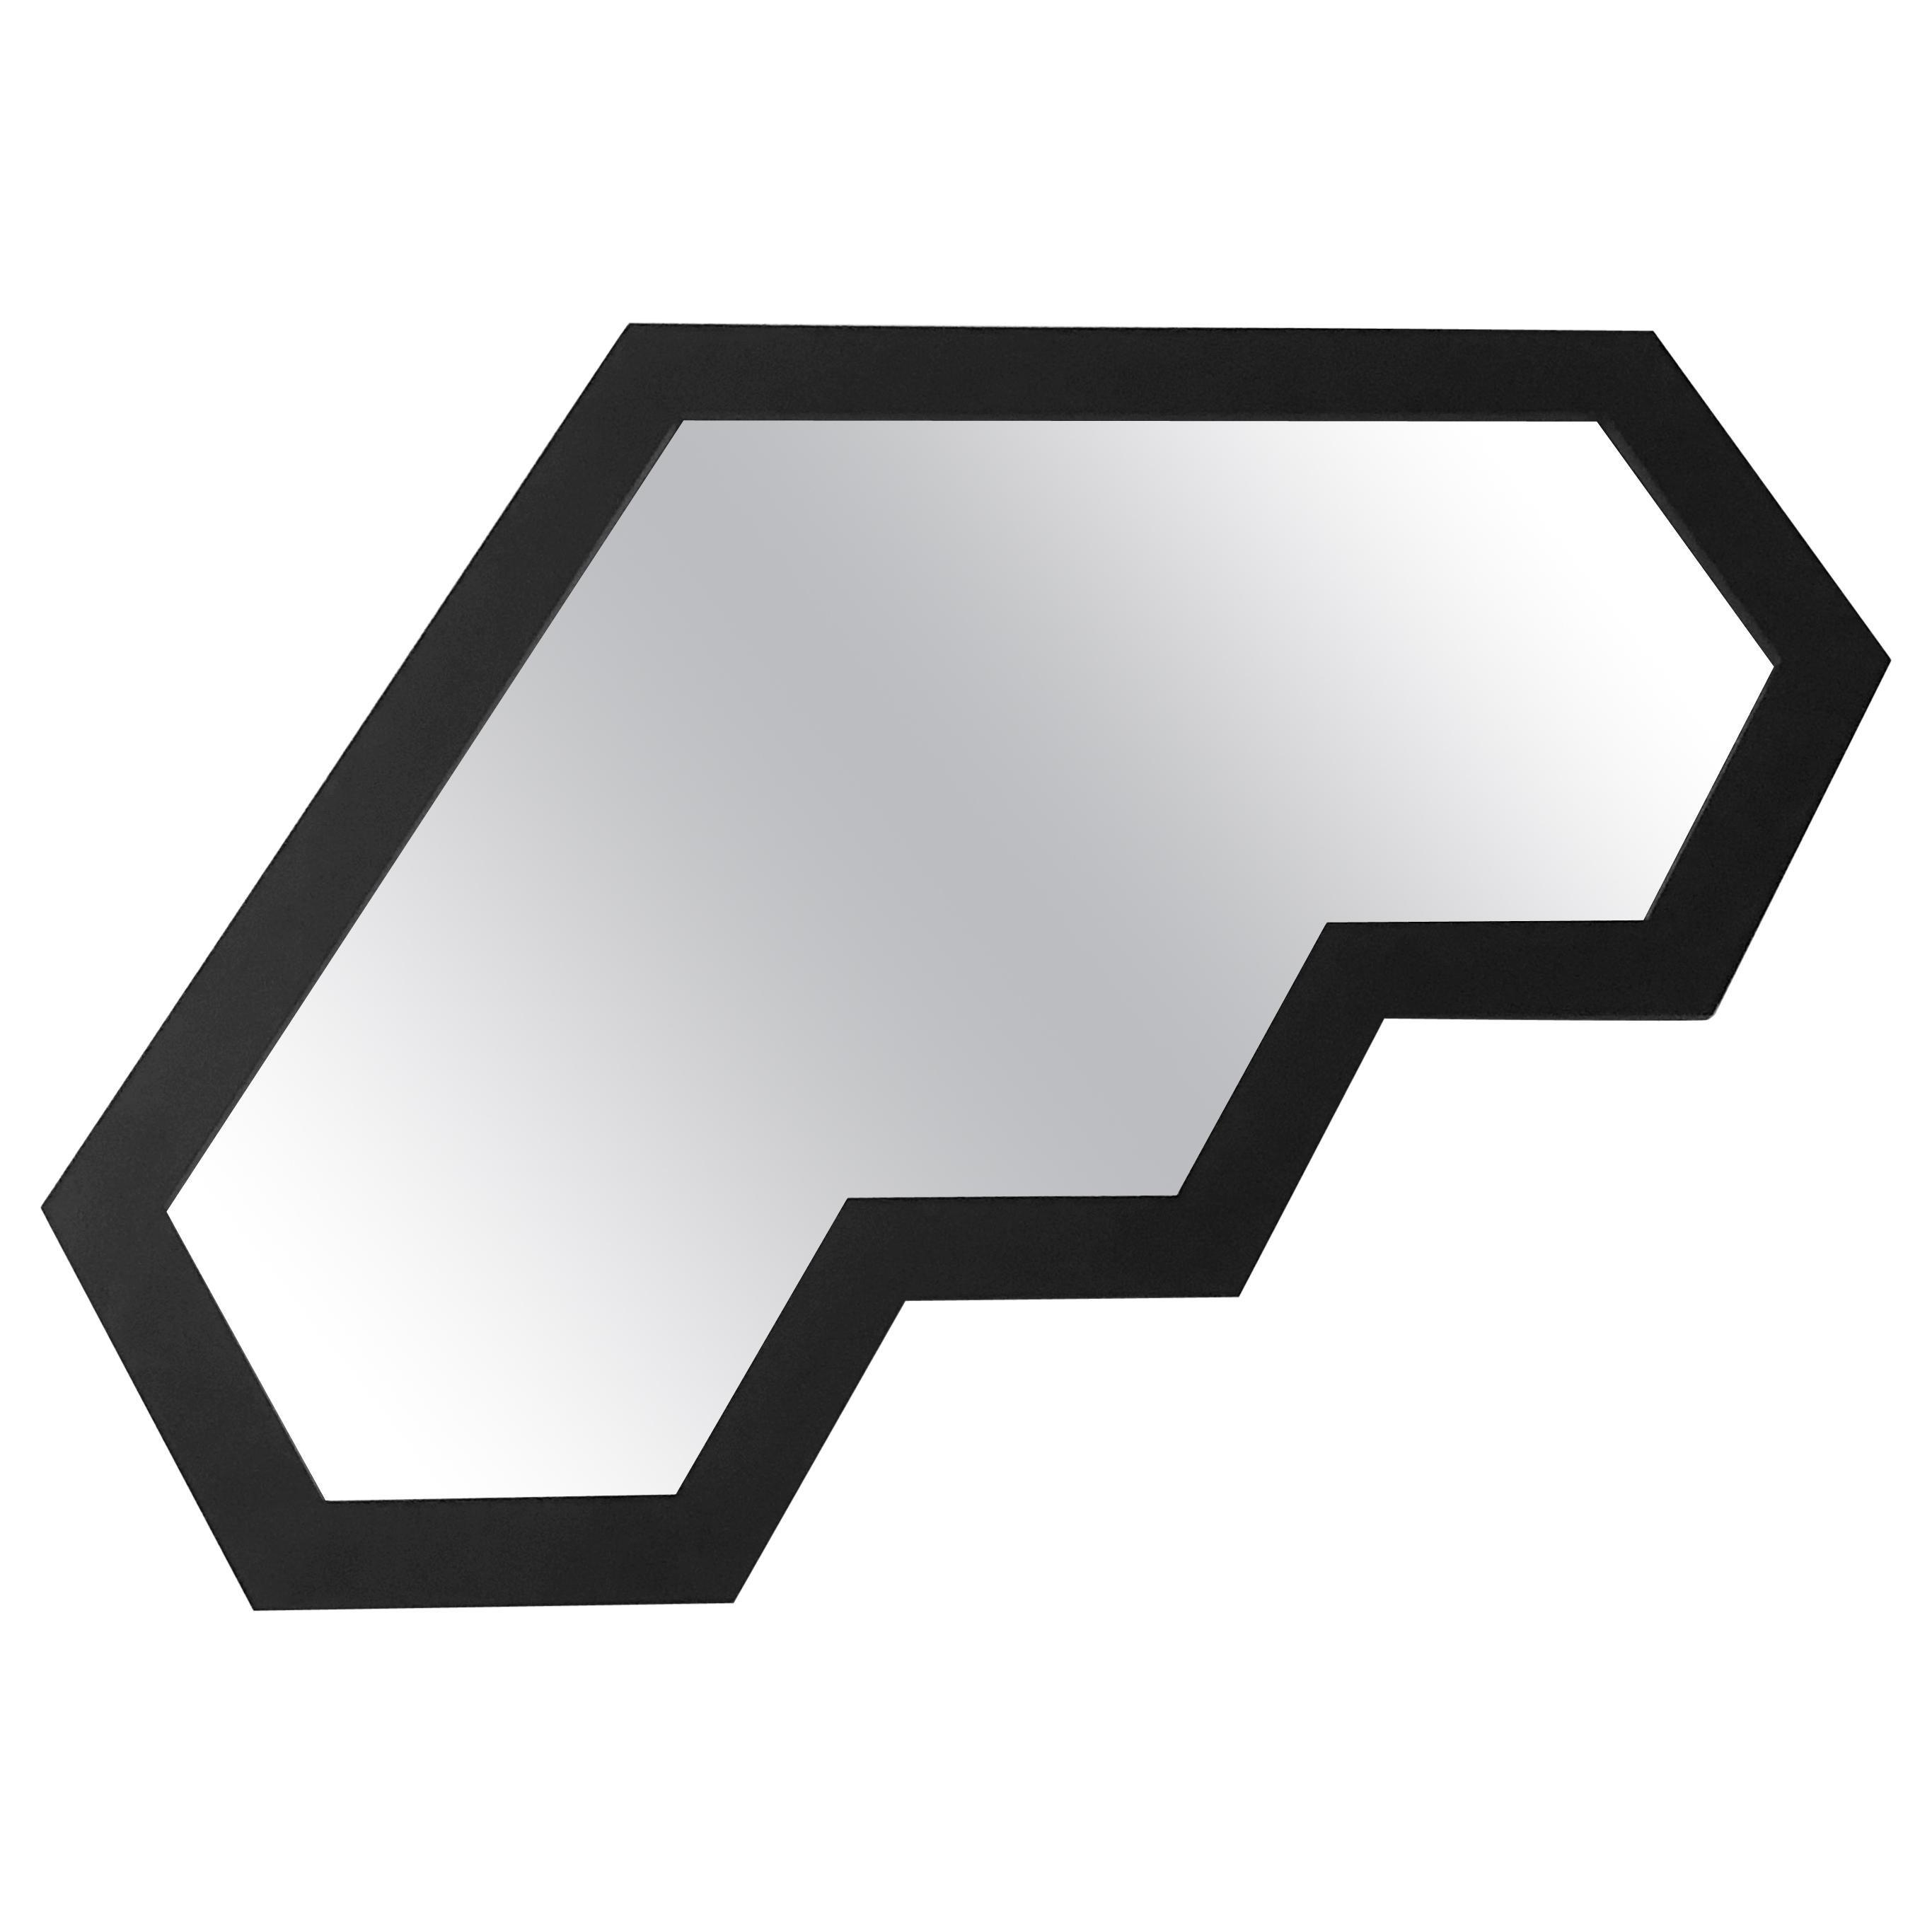 Black Present Perimeter Small Mirror No.26 by Designer Jonathan Nesci